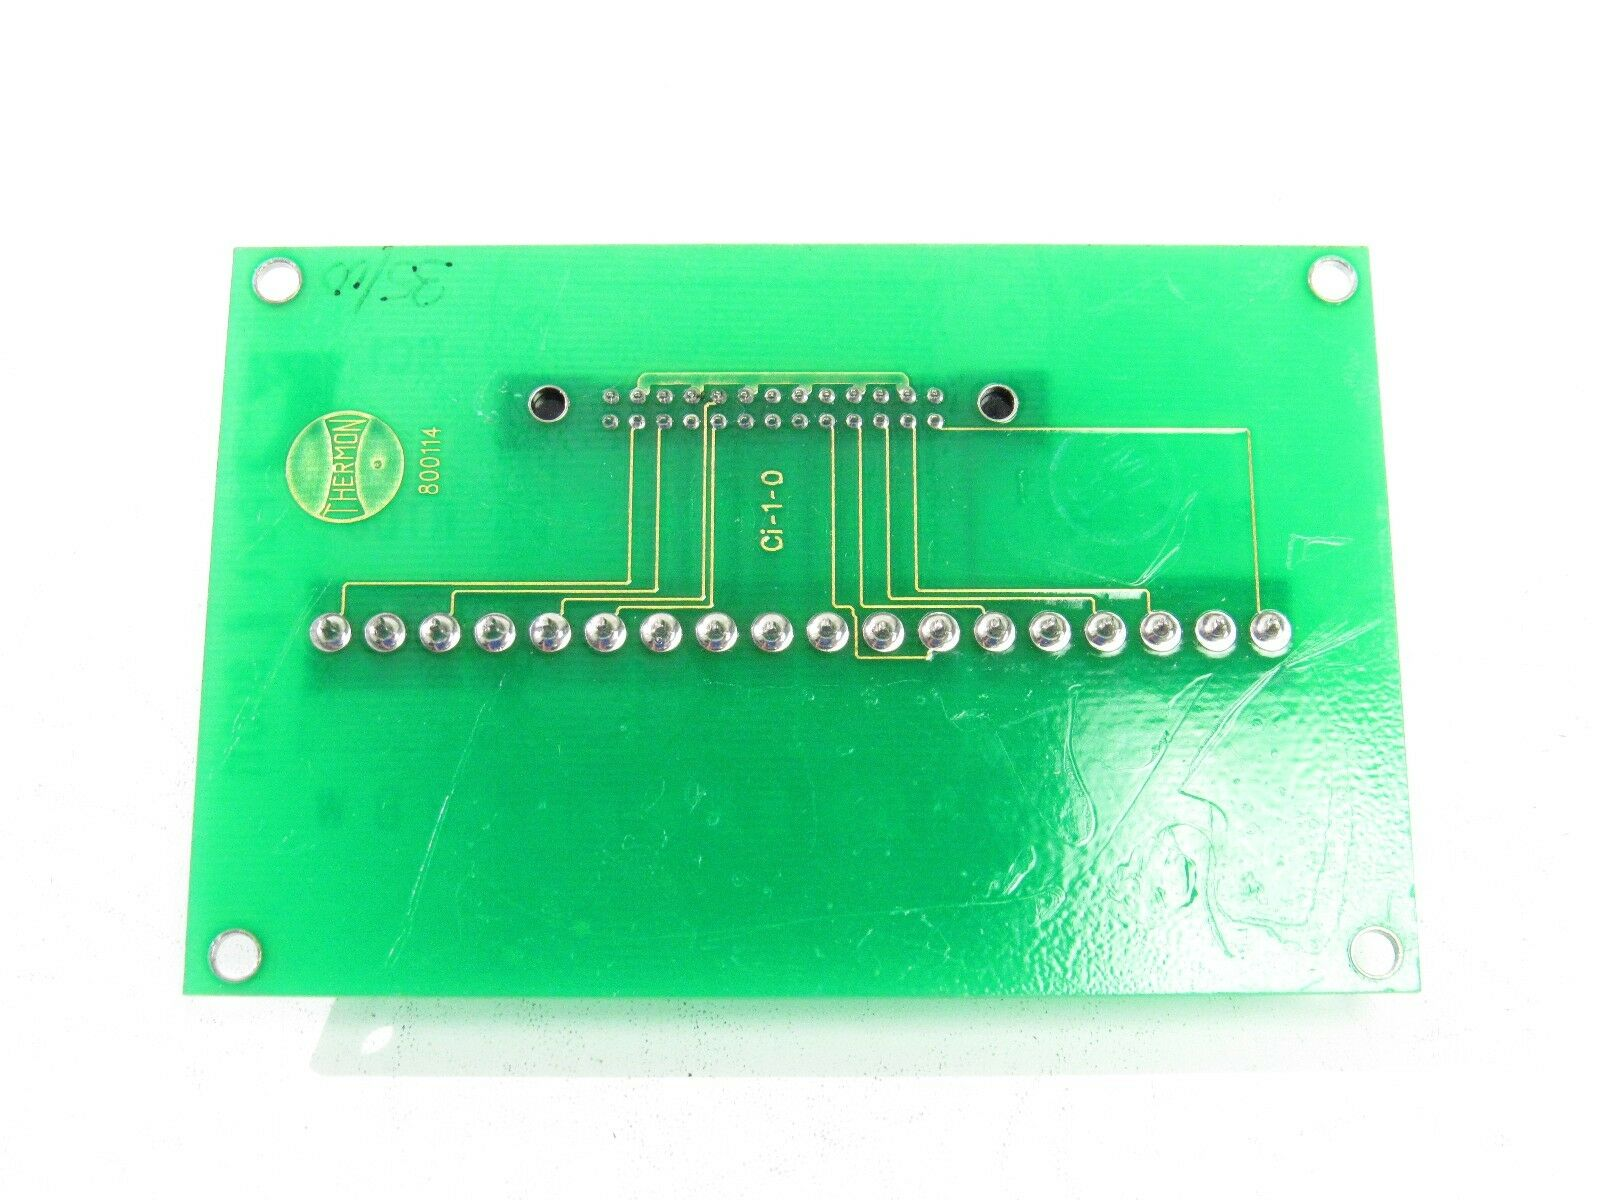 Thermon 80011 Pcb Circuit Board